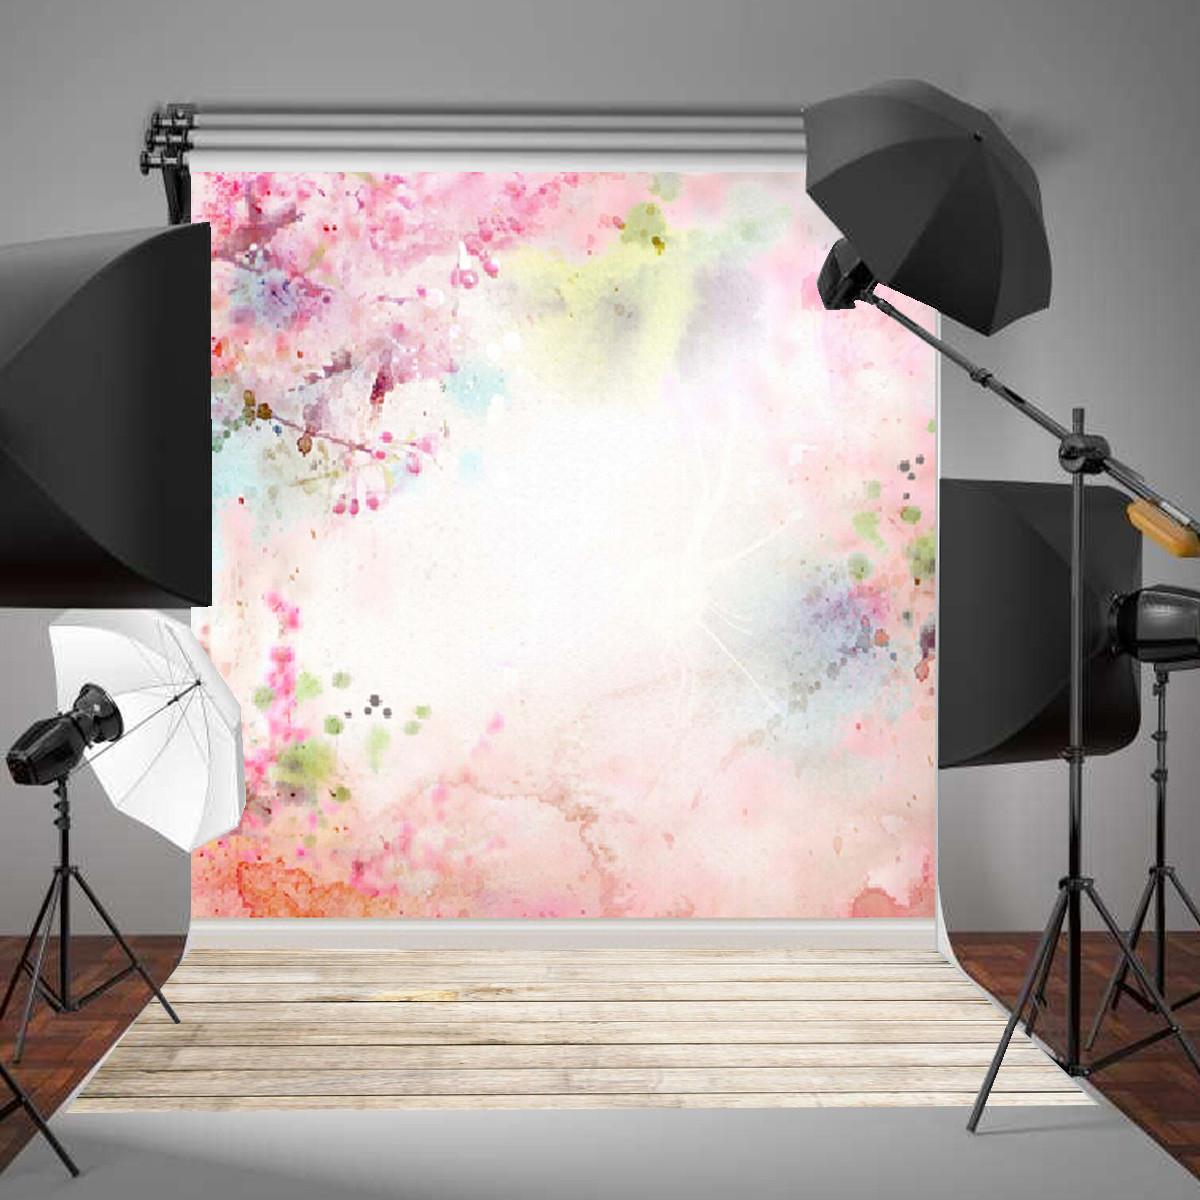 Vinyl szövet háttér fotózáshoz.Virágos fotó háttér 210cm x 150cm 1128457